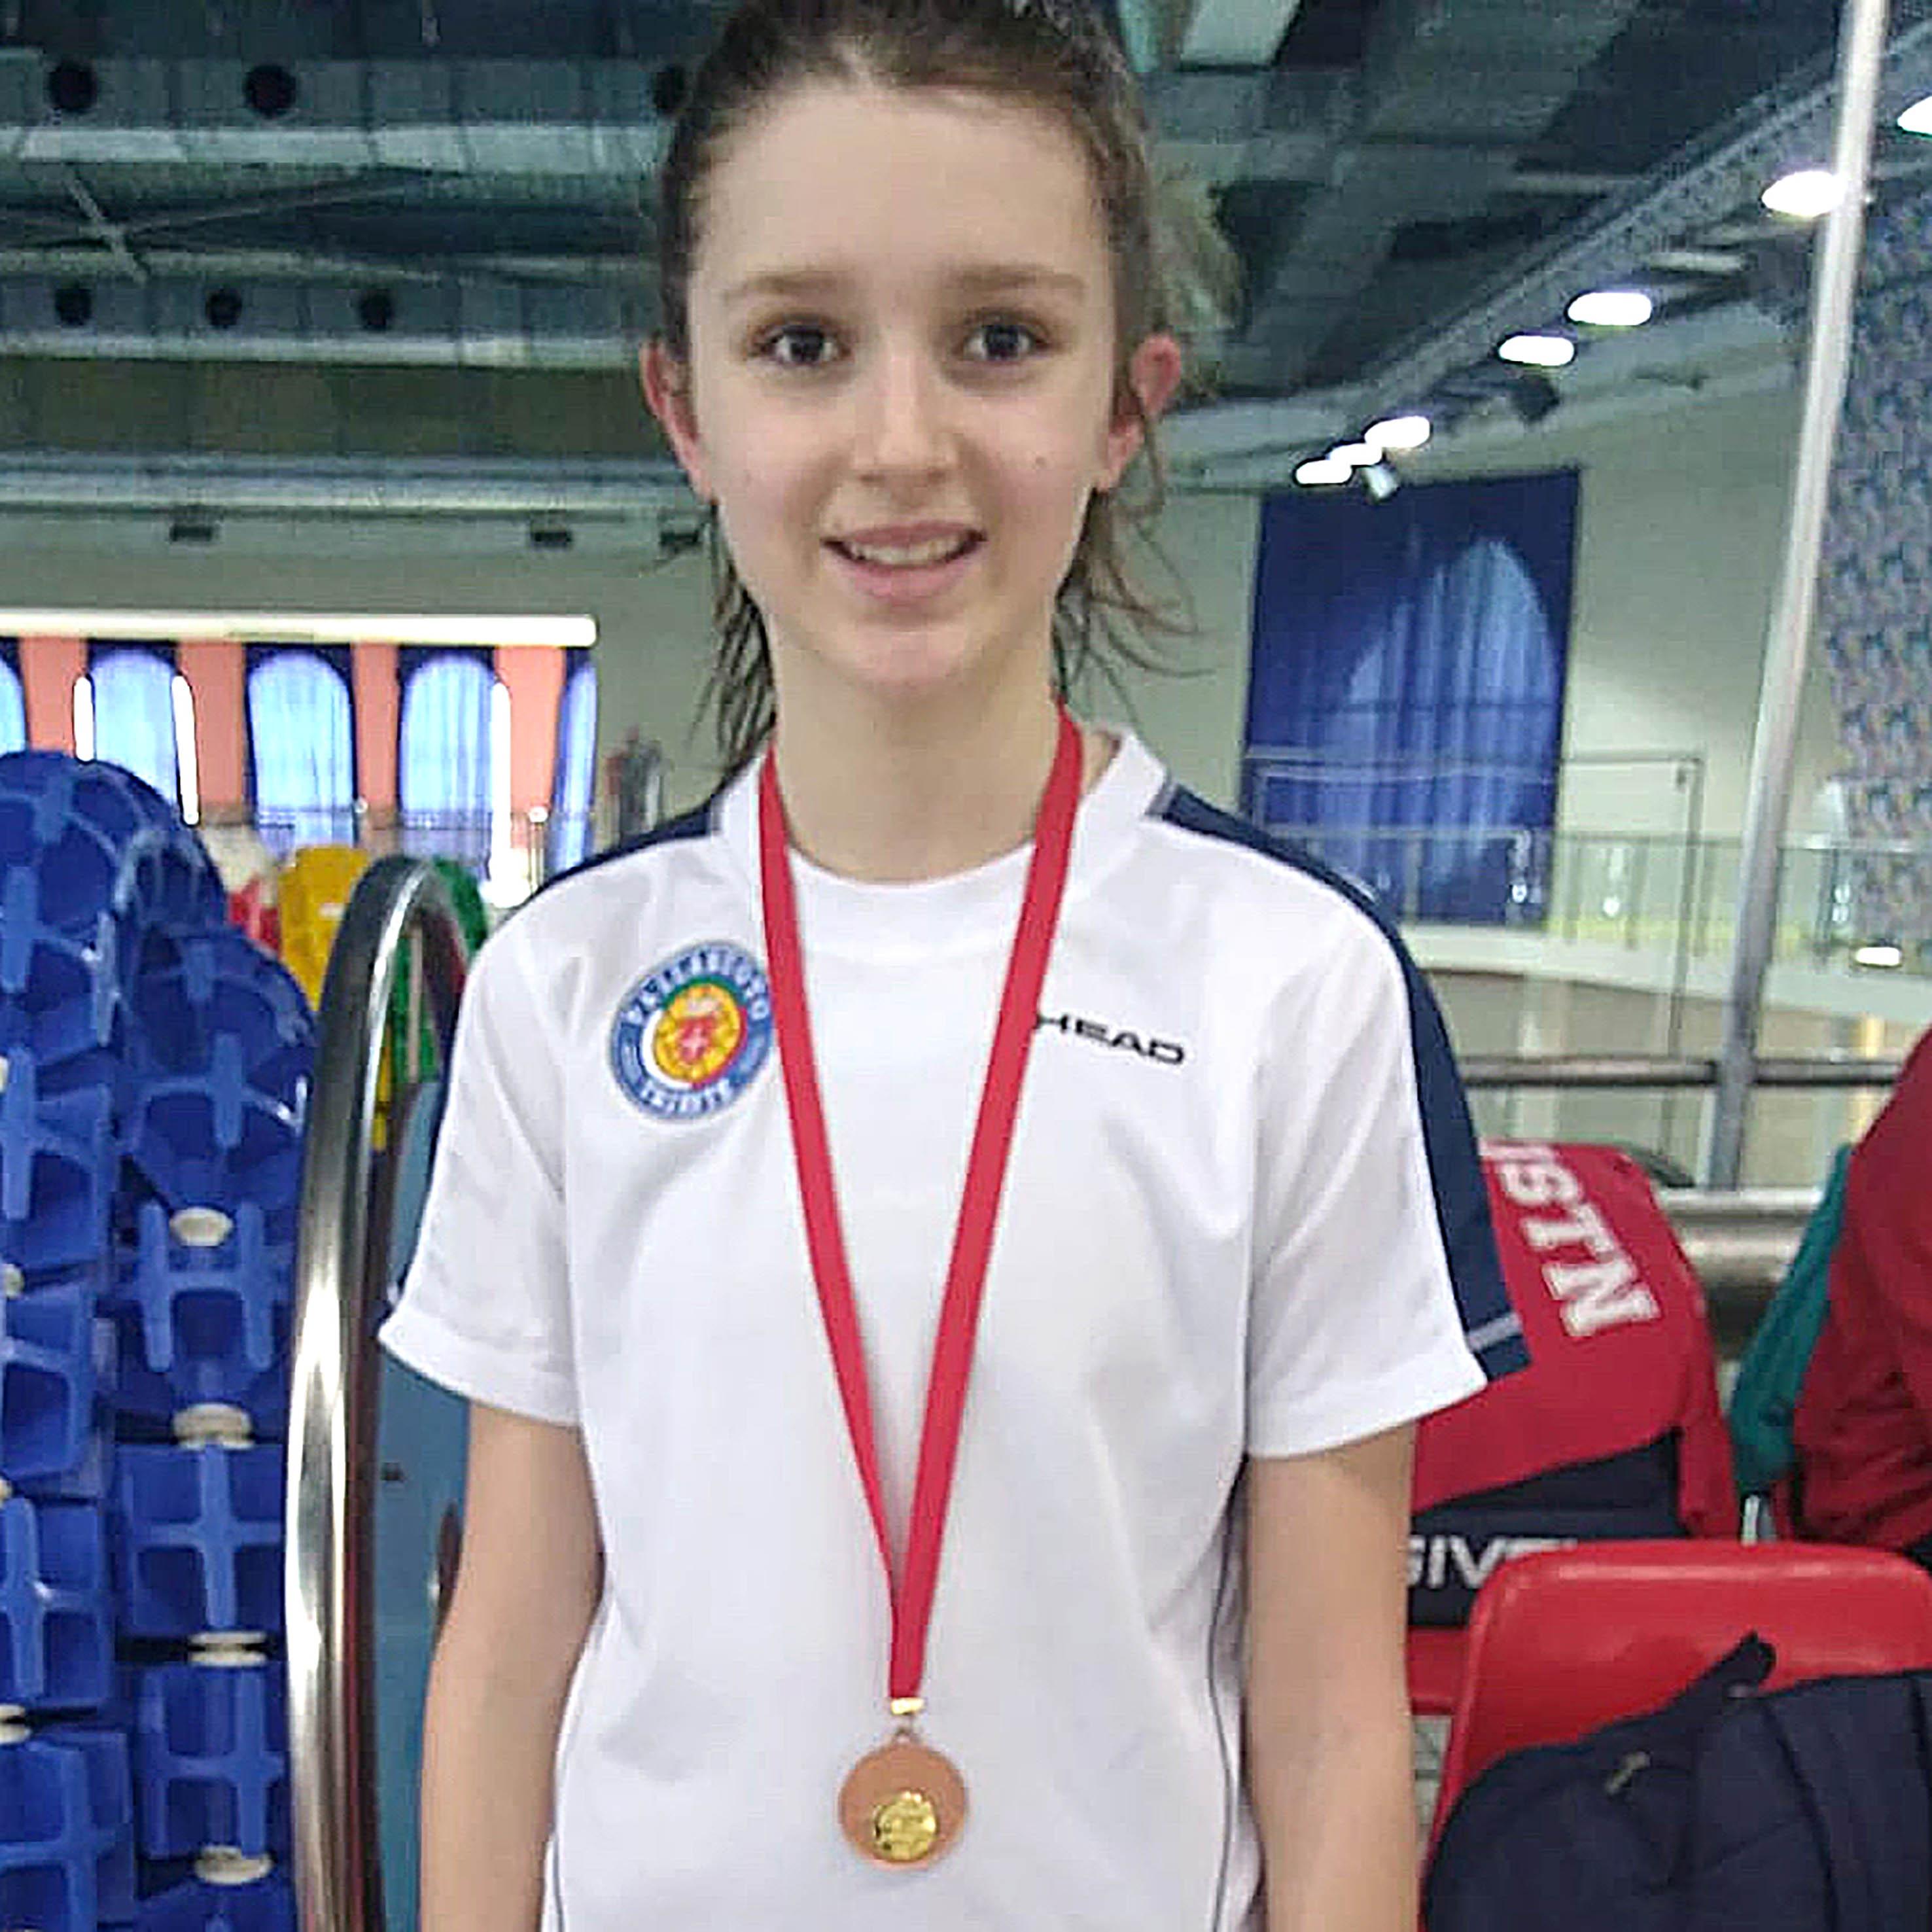 Nuoto, Esordienti: buoni risultati per i piccoli atleti della Pallanuoto Trieste al Trofeo Giovani Speranze